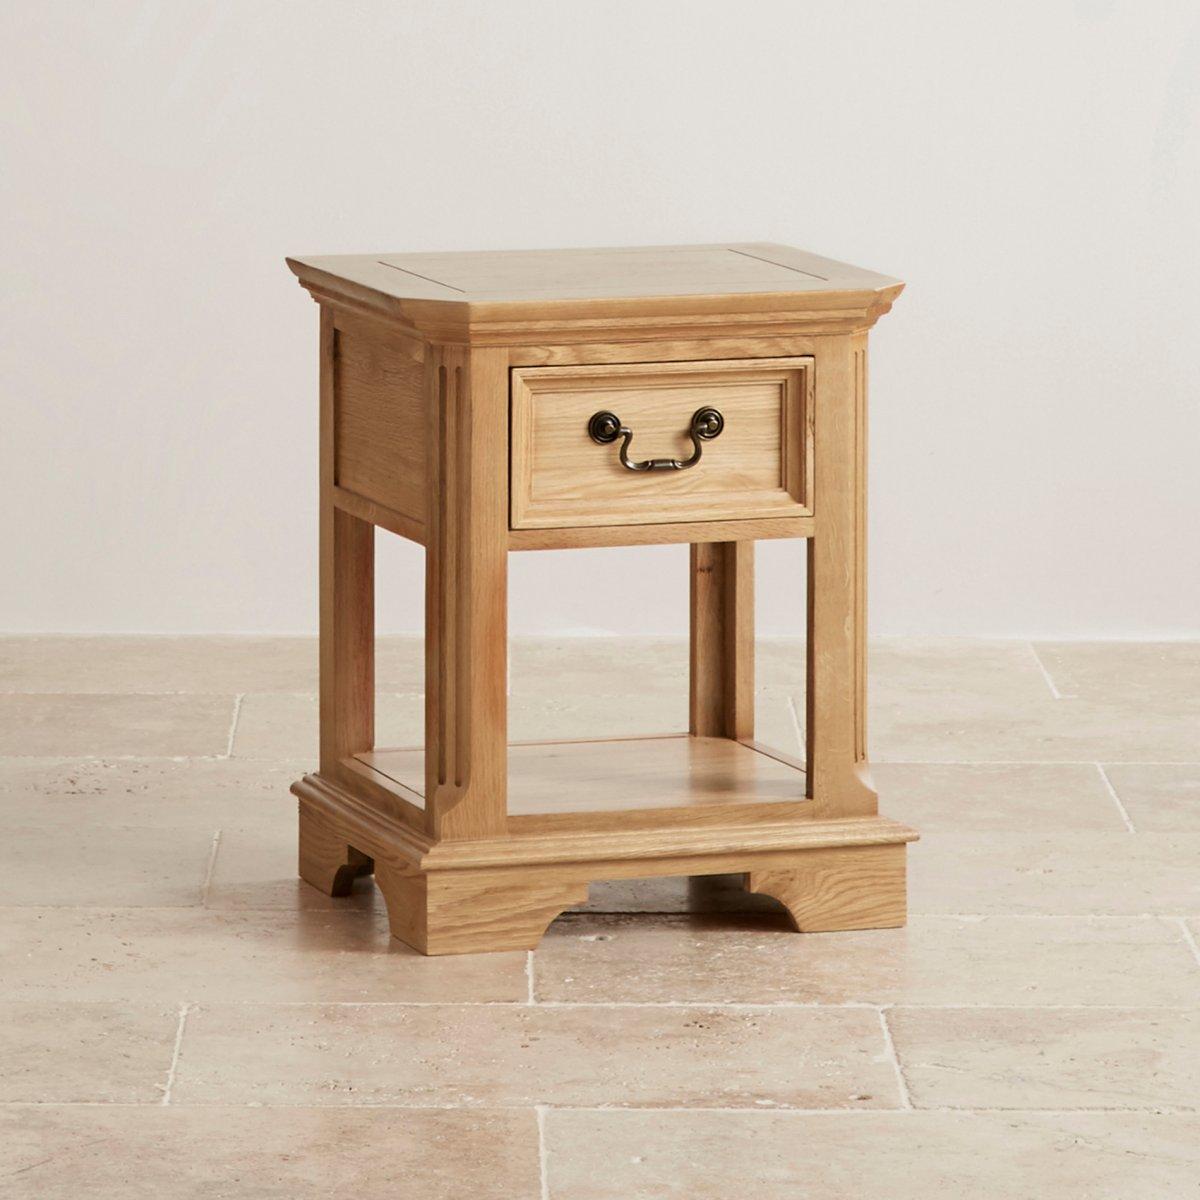 Oak Furniture Land Bedroom Furniture Bedside Tables Shop Online Or In Store Oak Furniture Land